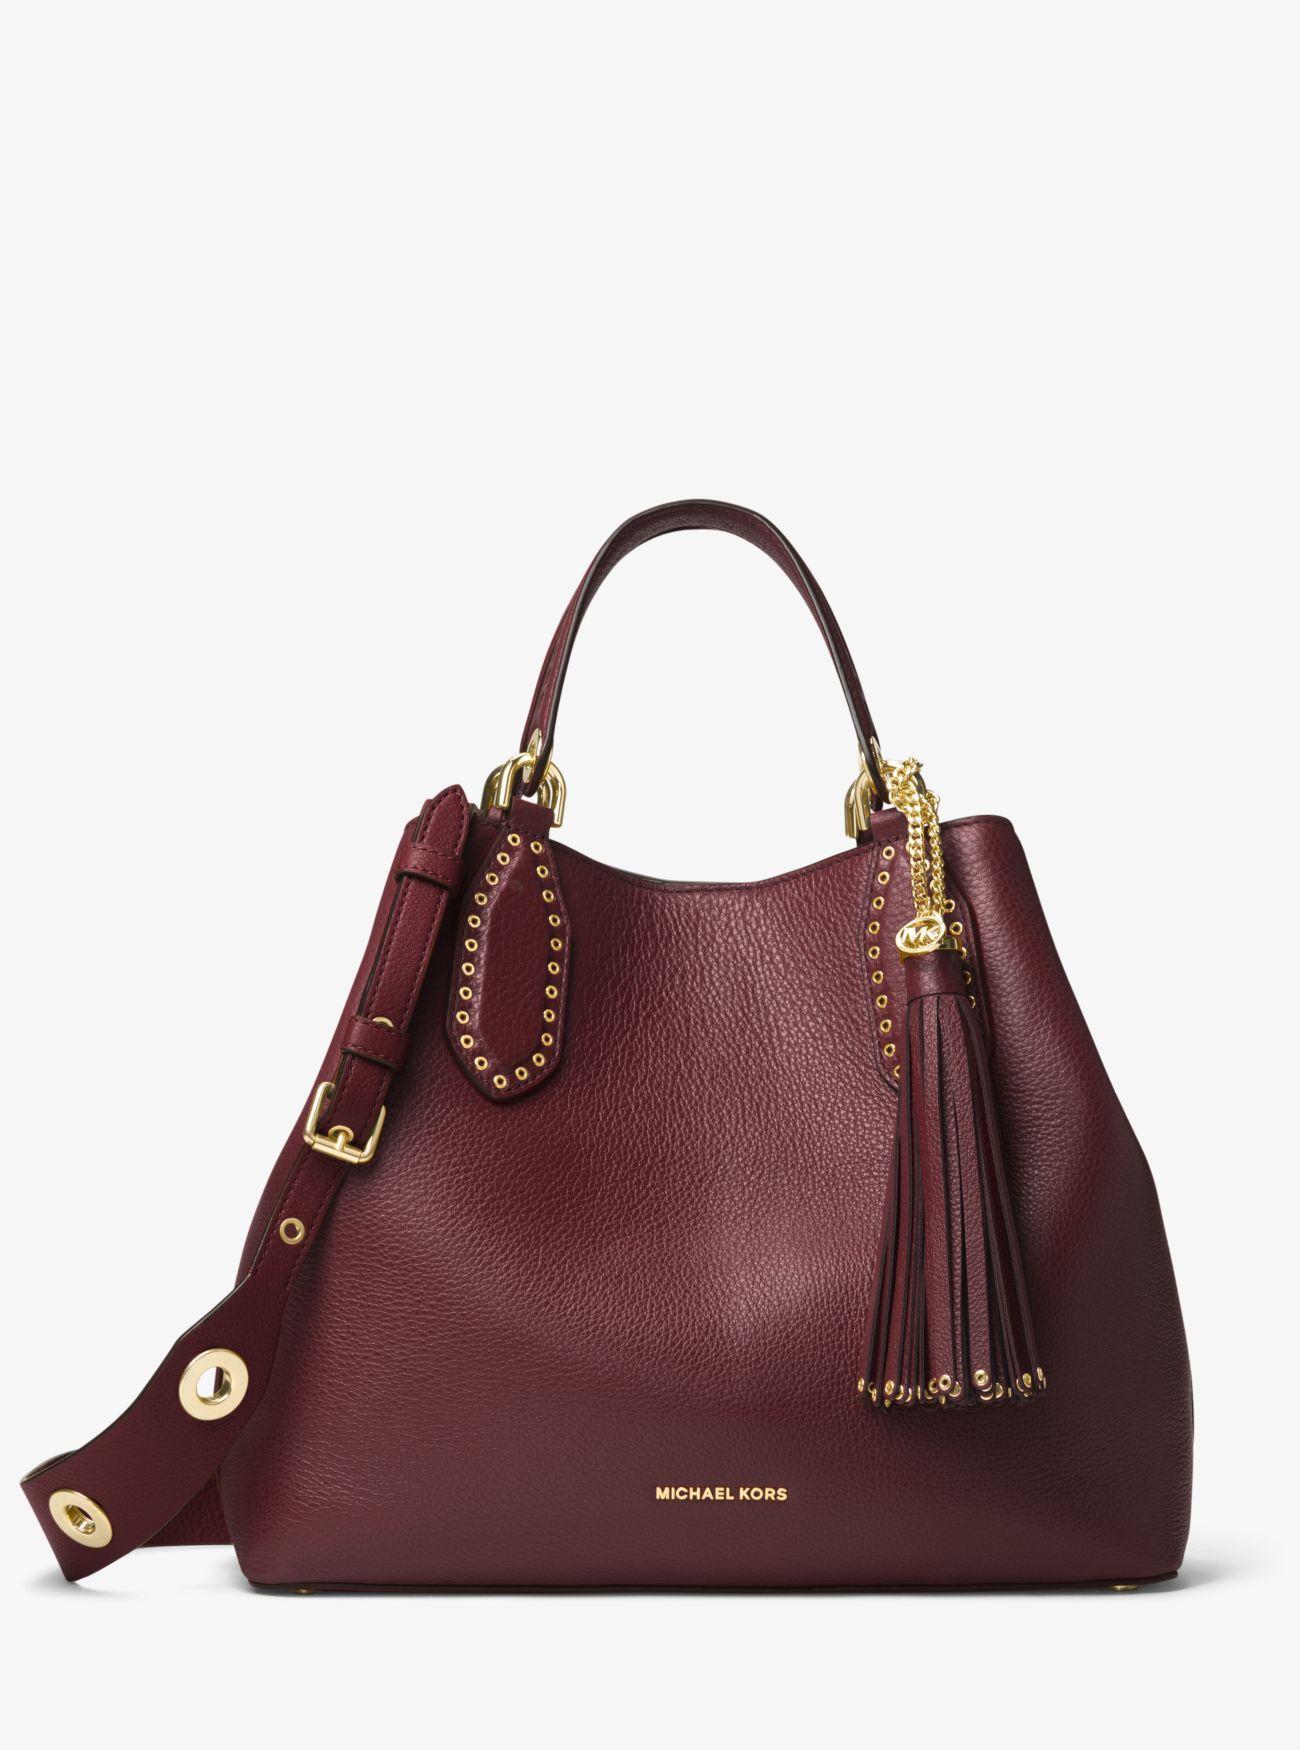 Le borse di marca migliorano l'outfit perché gli accessori firmati fanno la differenza, guarda le foto della gallery e scopri i trend moda dell'inverno 2019.